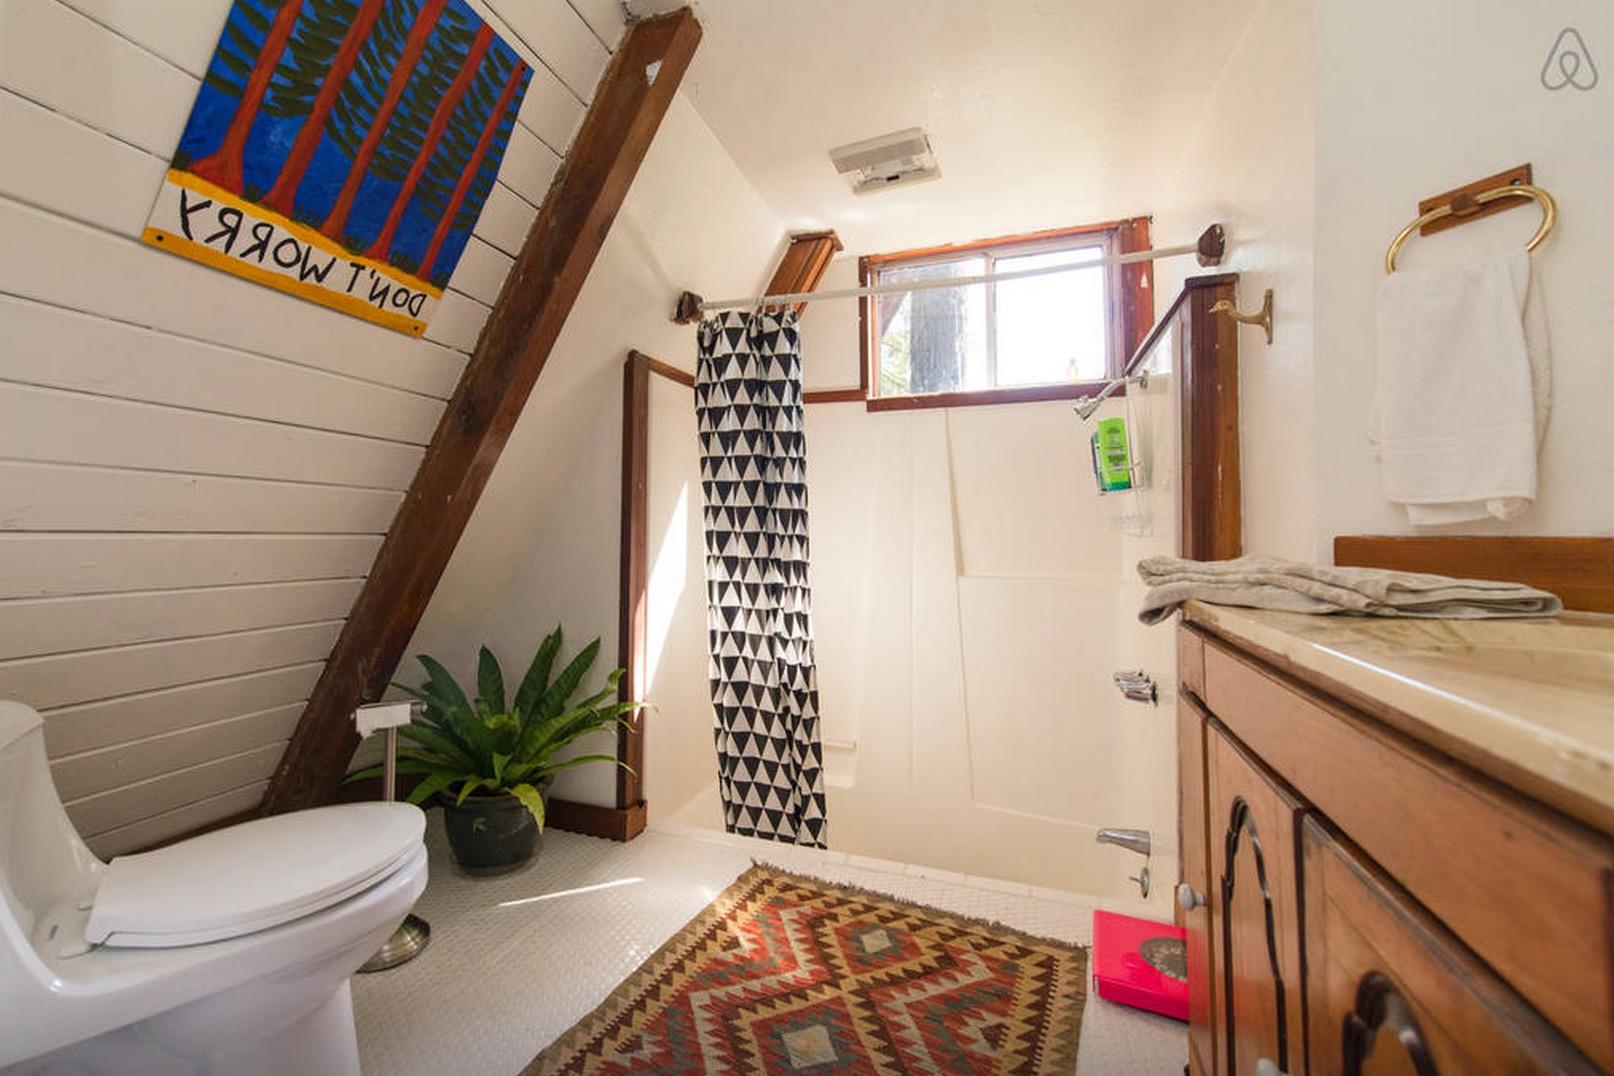 Cabin-Redwoods-Joli-Joli-Design-Cabine-13